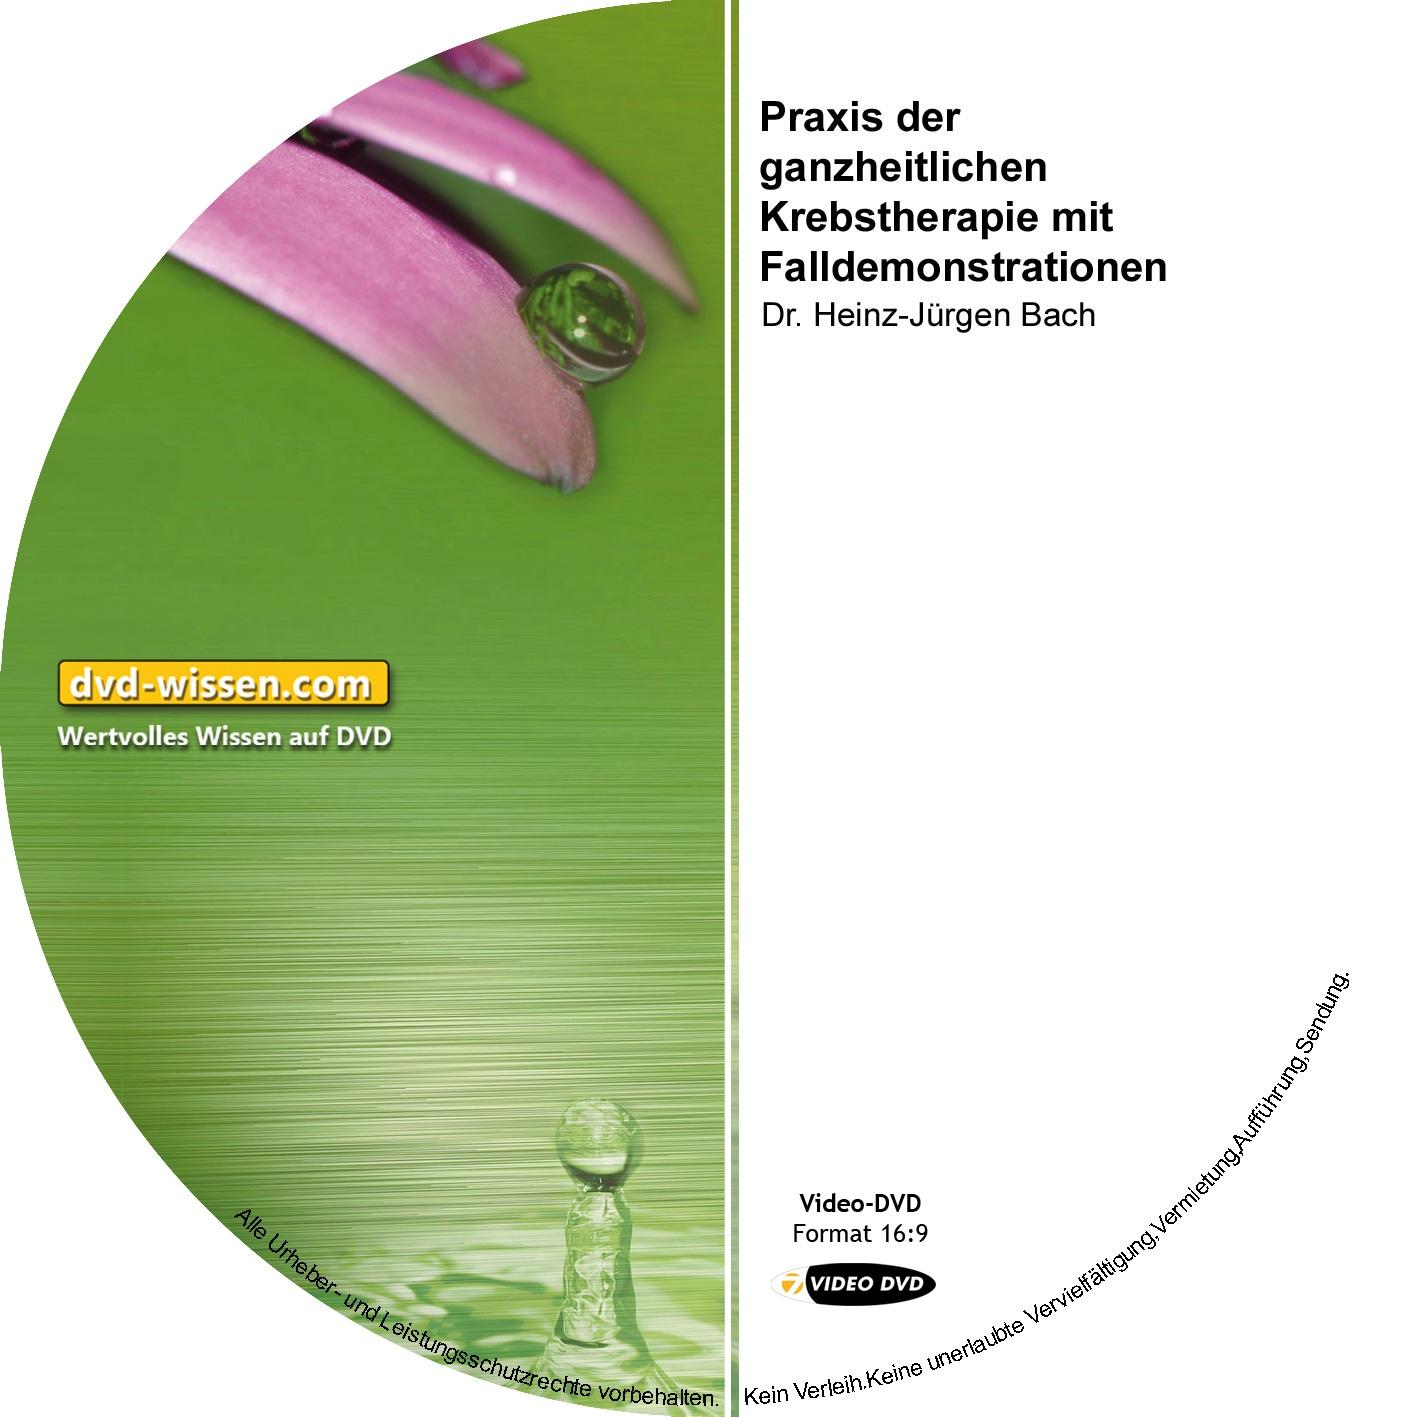 Dr. Heinz-Jürgen Bach: Praxis der ganzheitlichen Krebstherapie mit Falldemonstrationen